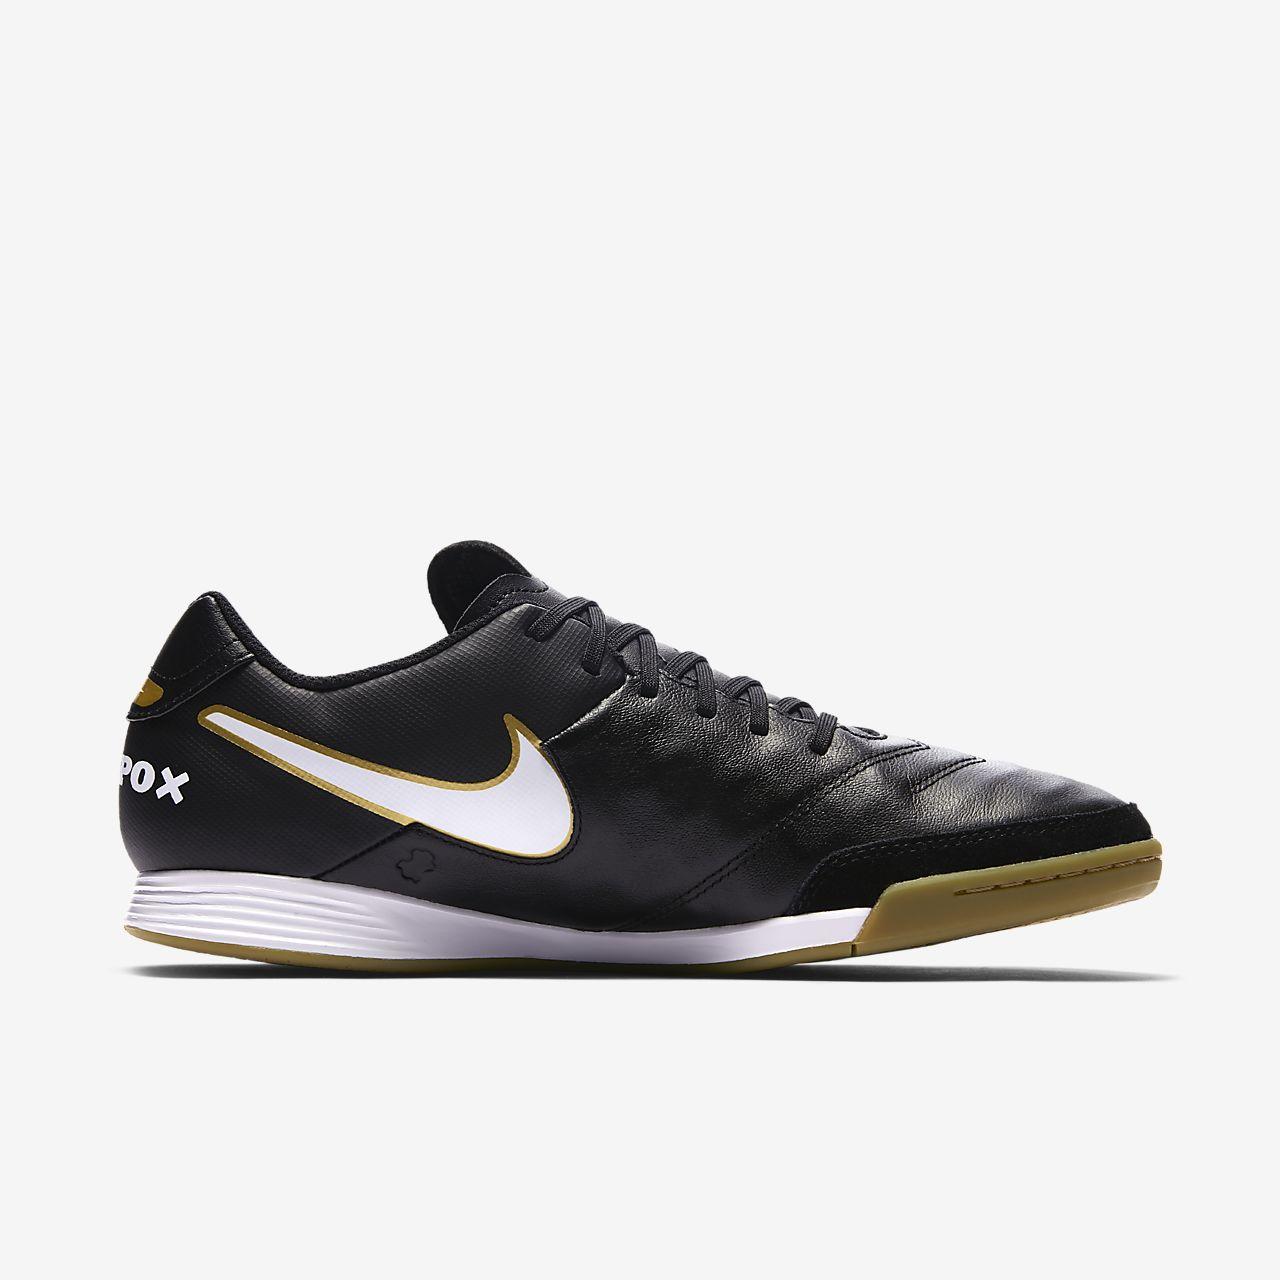 Meilleure Vente De Sortie Nike Tiempo Genio Leather II.. Pré Commande Pas Cher En Ligne Nouvelle Vente En Ligne Se Connecter olMt1anP